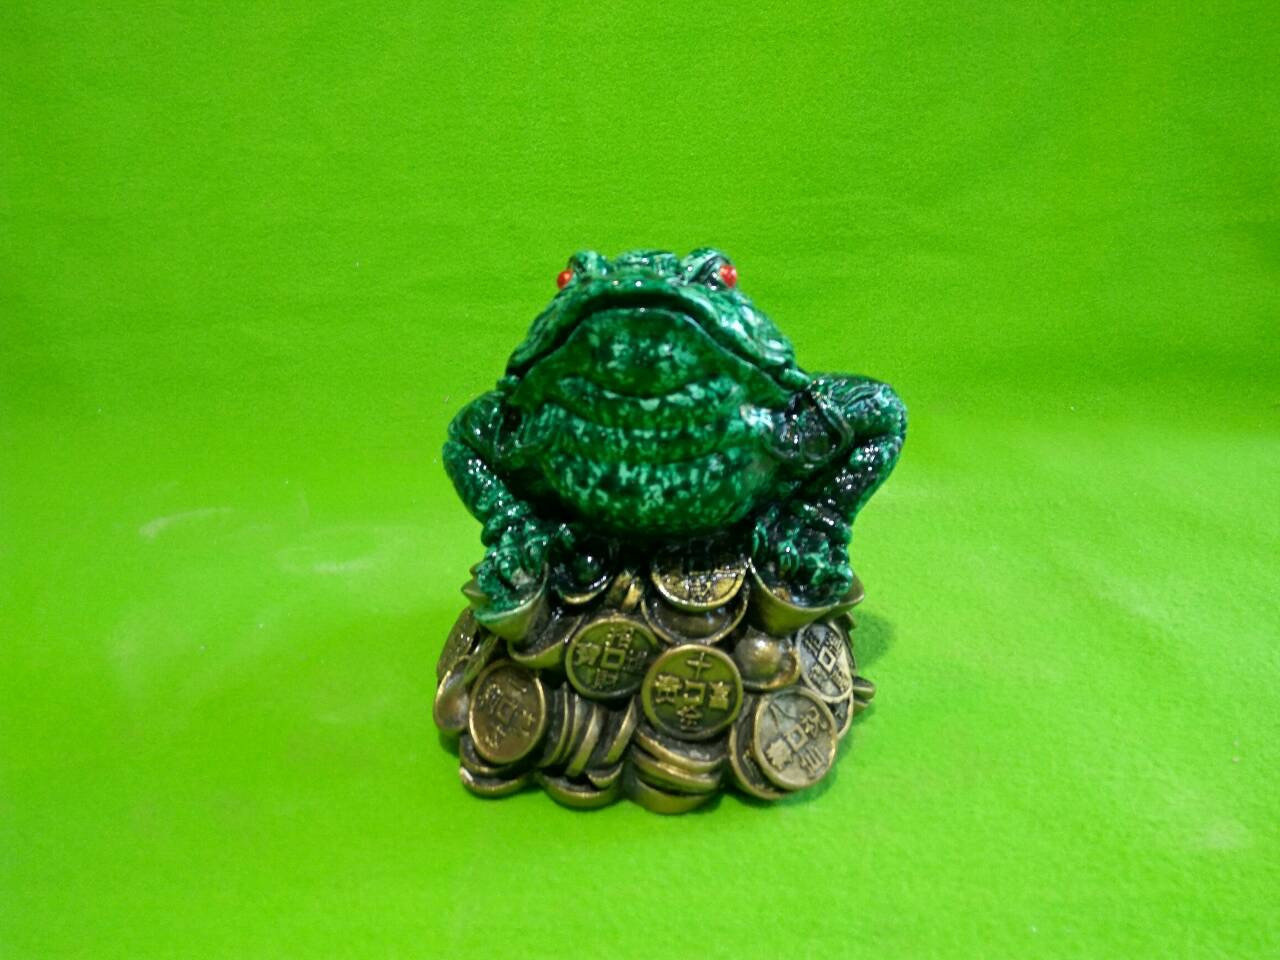 Копилка из гипса «Жаба на деньгах» малахит зеленая (малая)